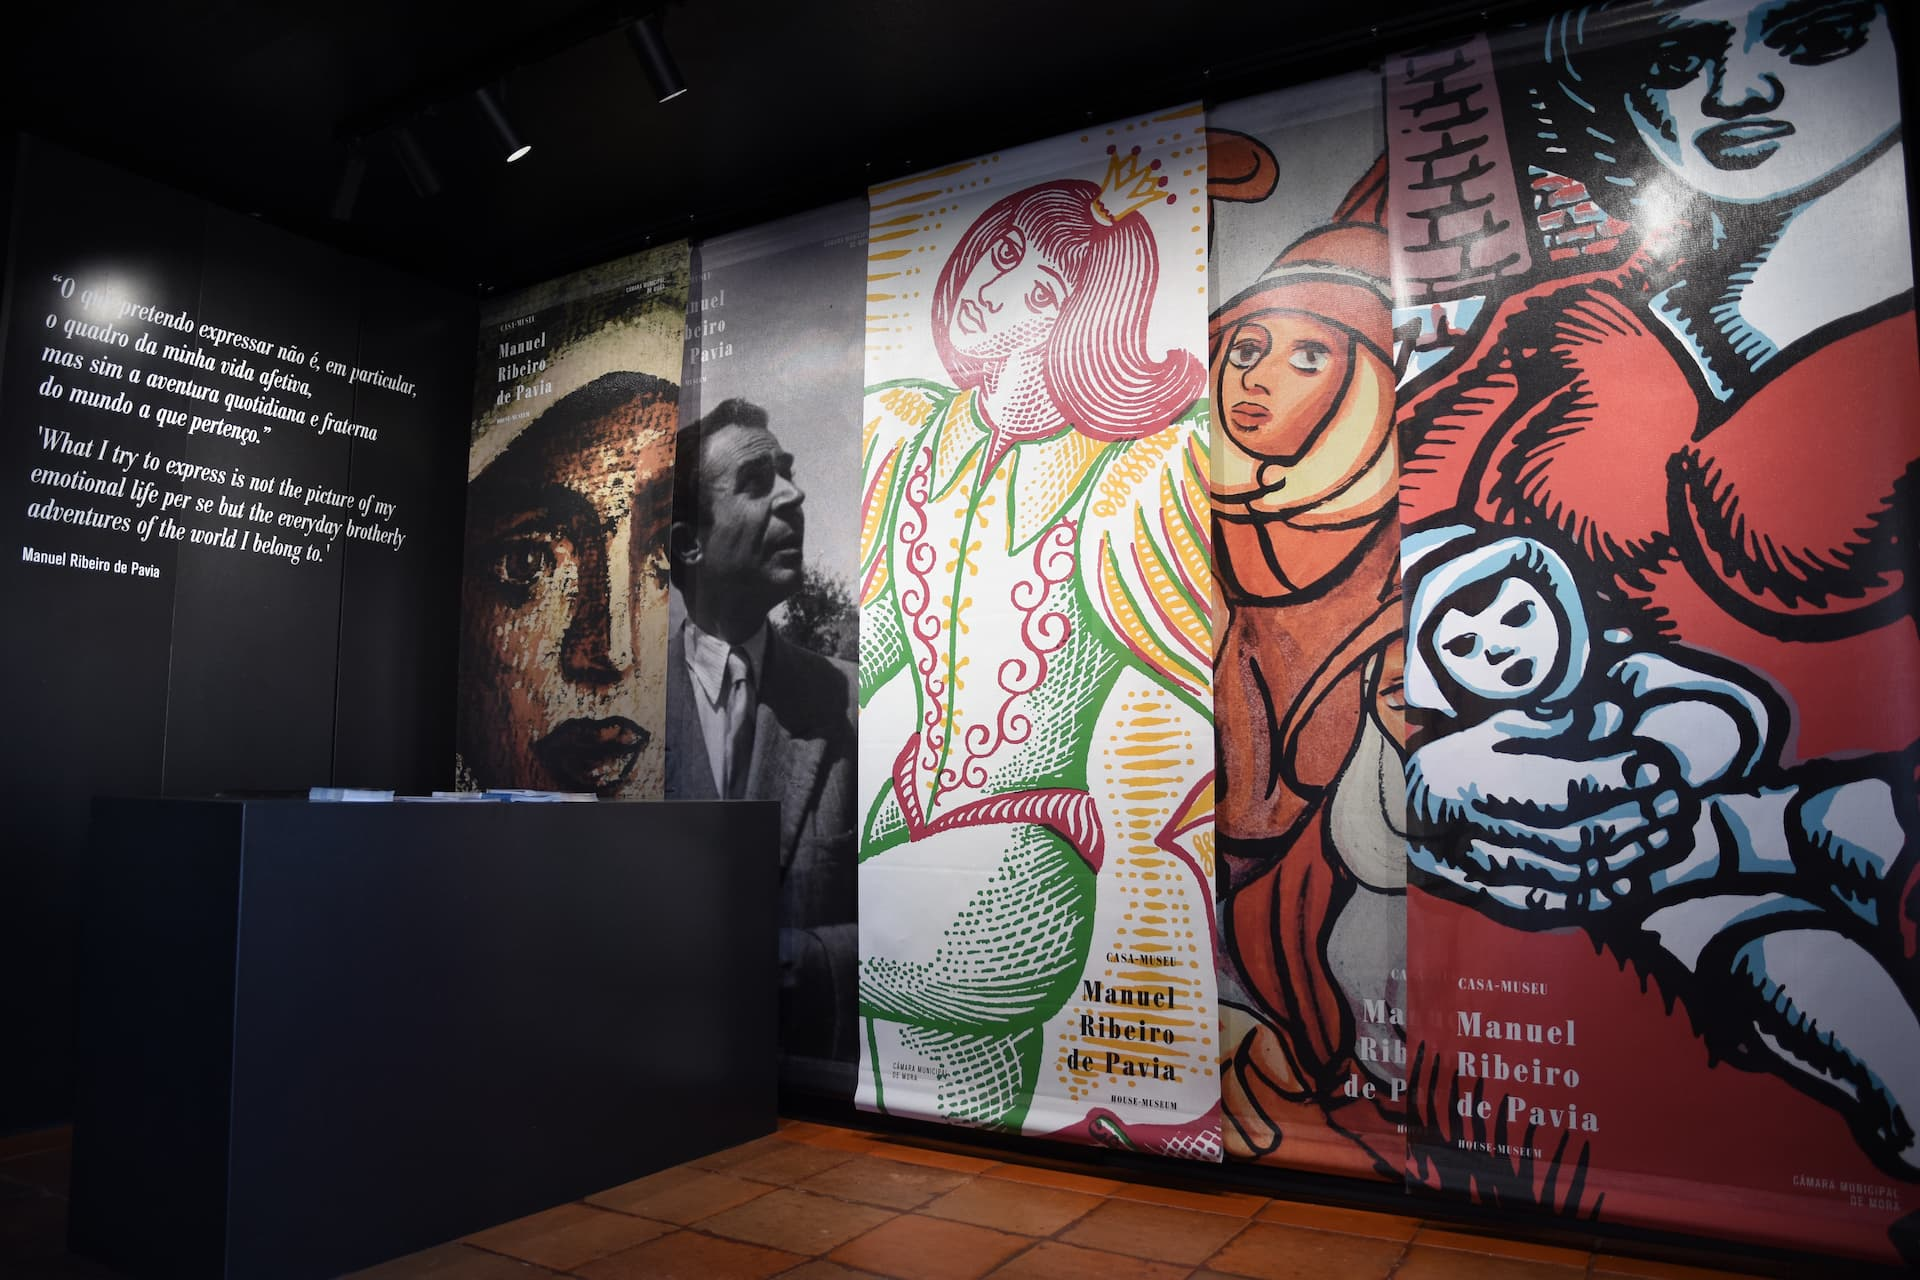 Casa-Museu Manuel Ribeiro de Pavia requalificada